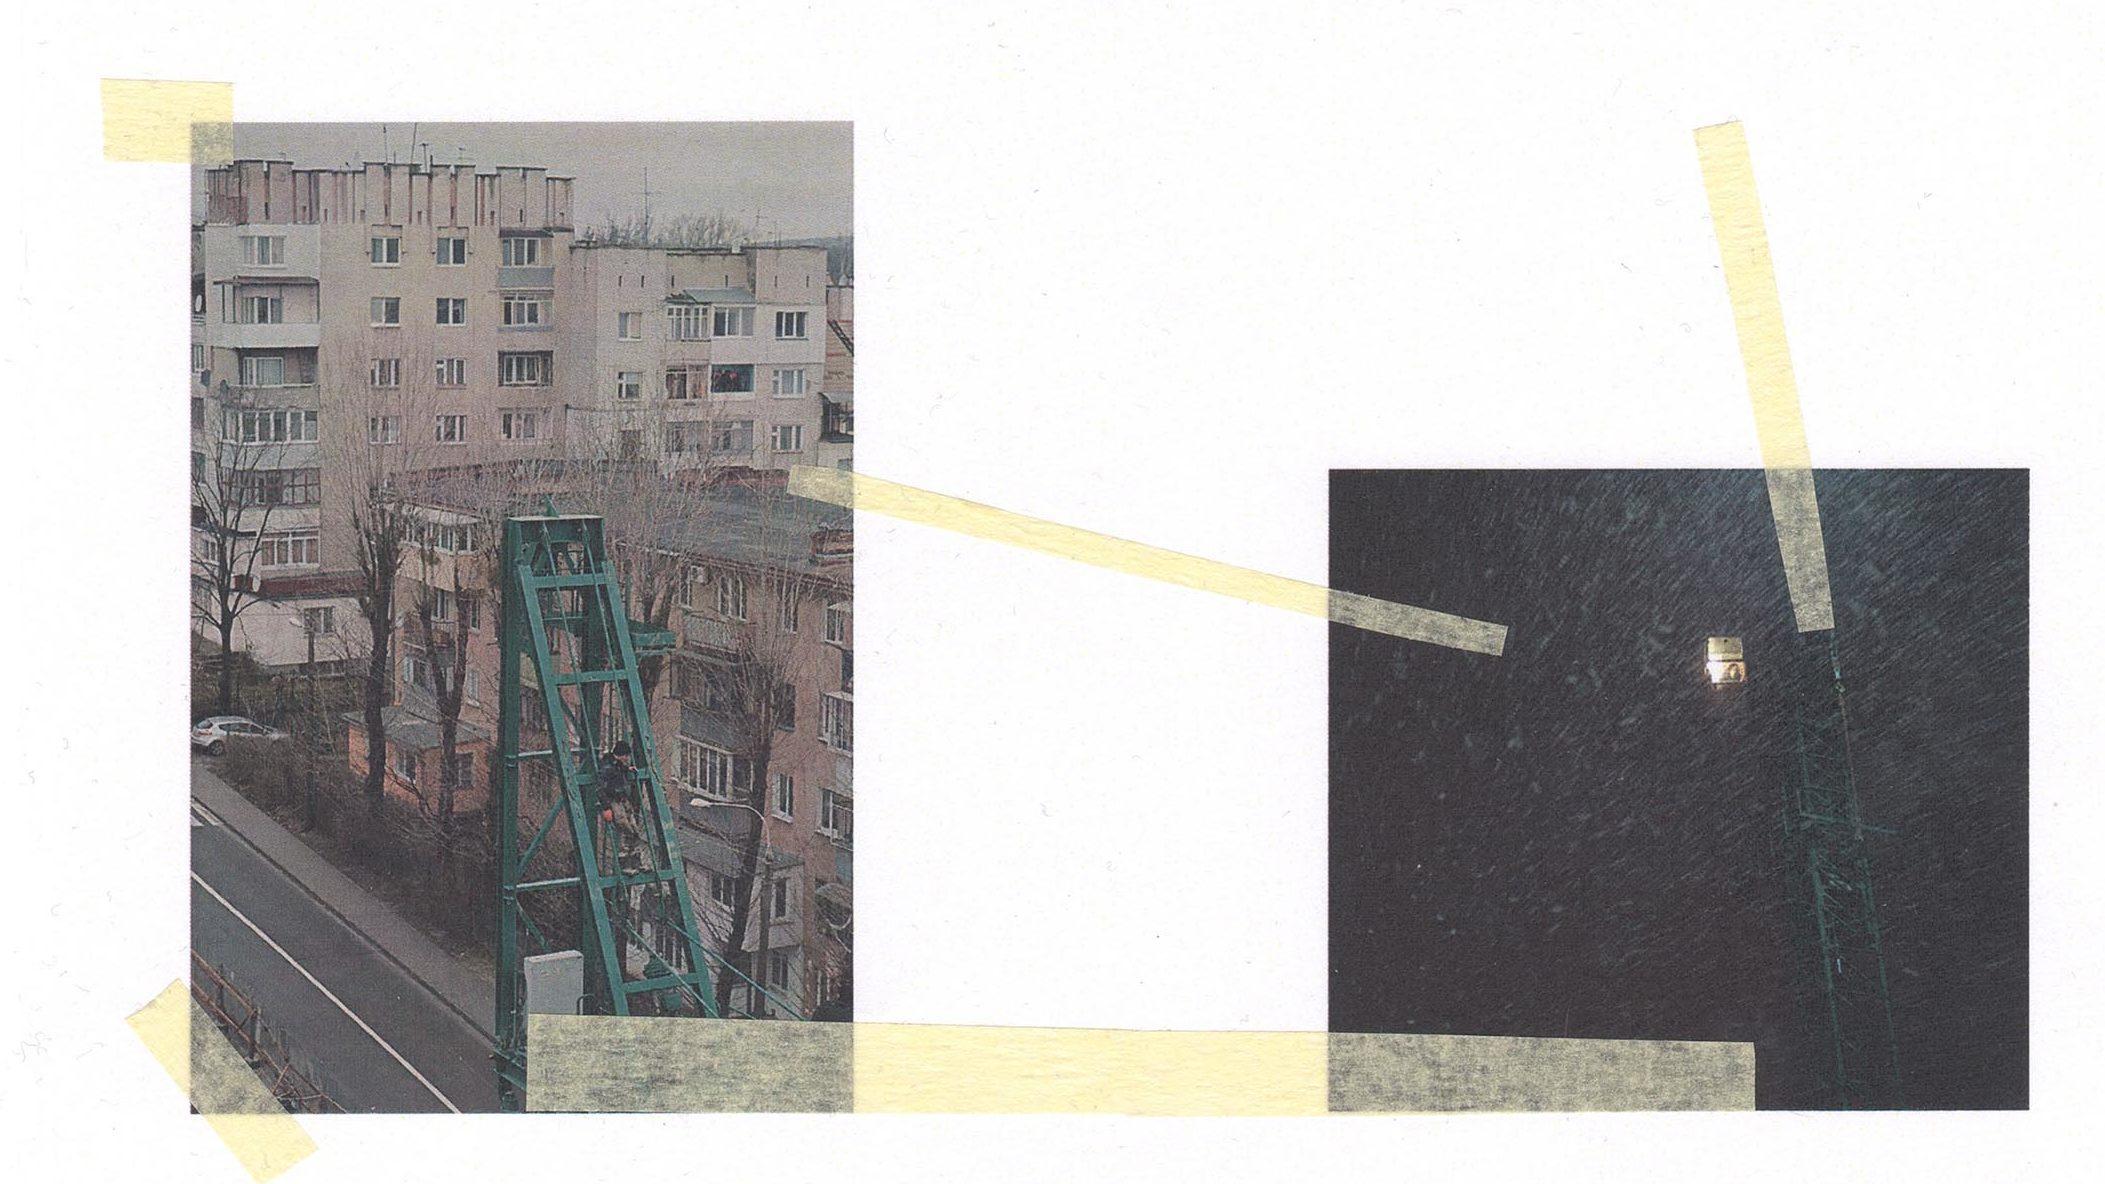 z sayenko 01 censorship 051220 edited - <b>Спи міцно, моє будівництво.</b> Проєкт Олесі Саєнко — у «Рівні цензури» - Заборона